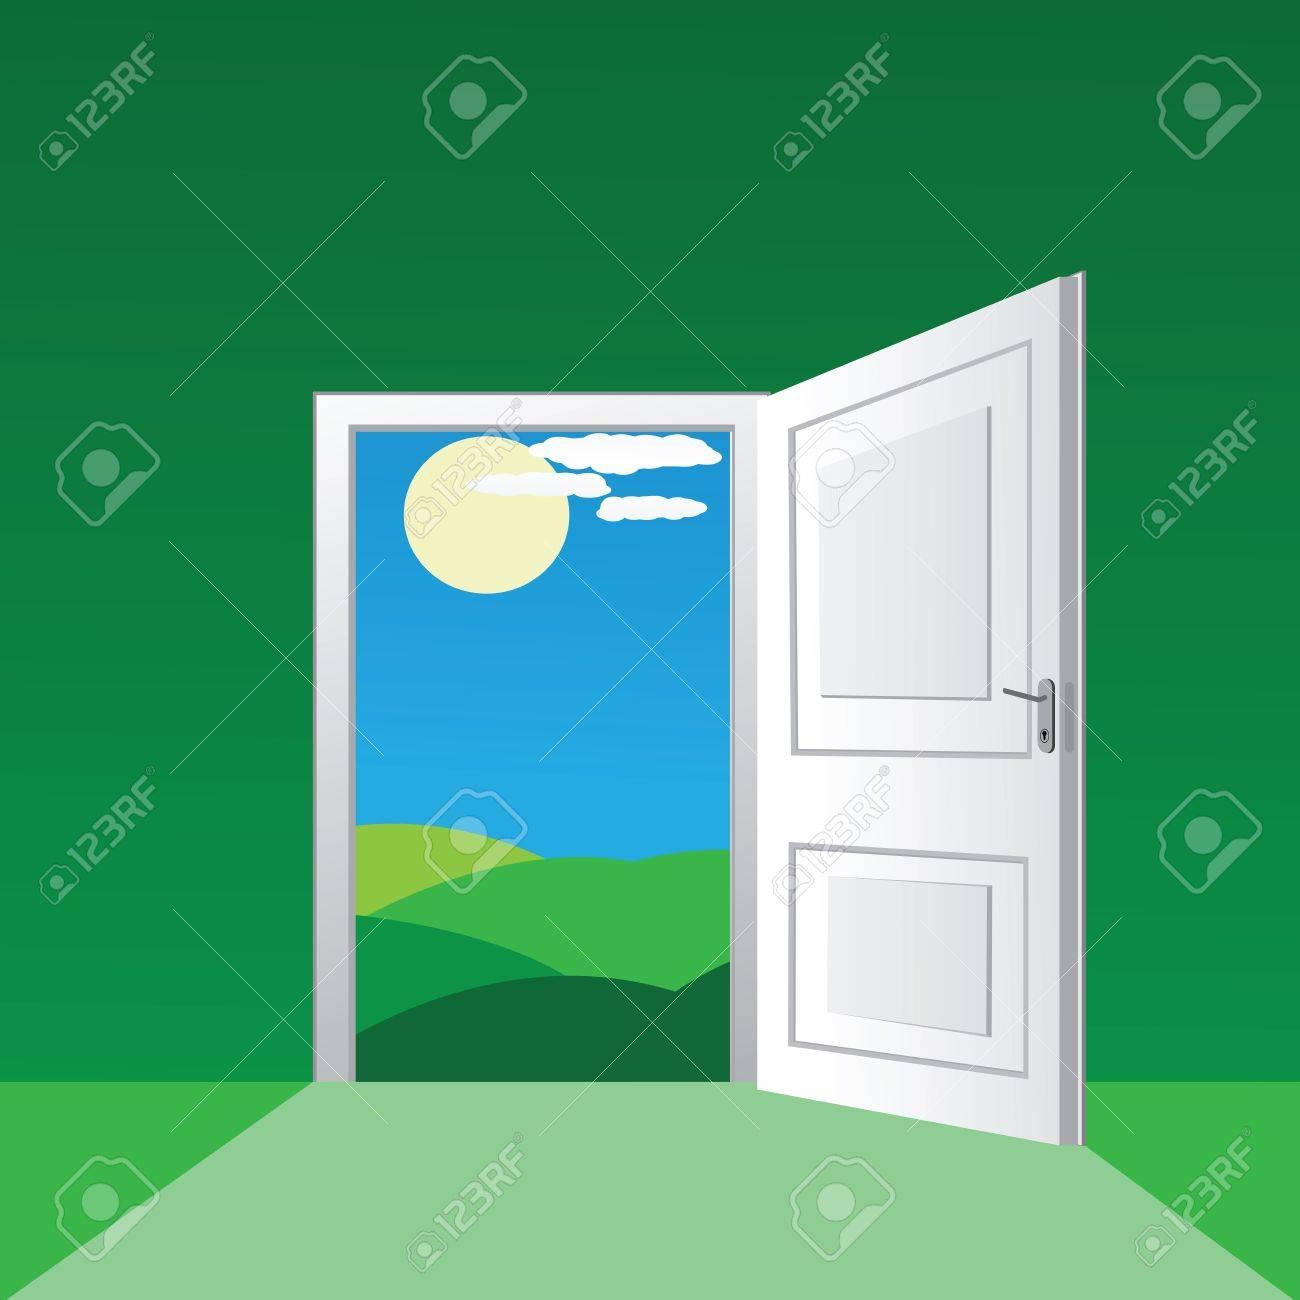 Open Front Door Illustration open front door